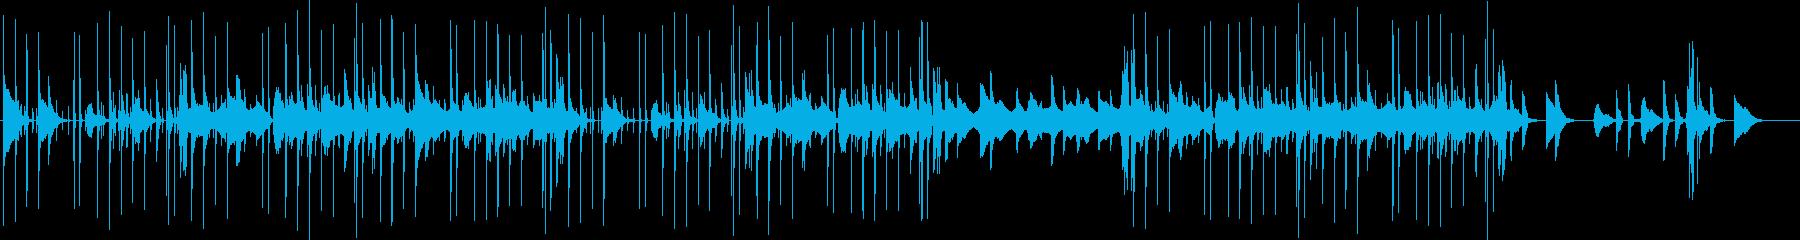 テクノ・エレクトロ。BGMなどに。の再生済みの波形